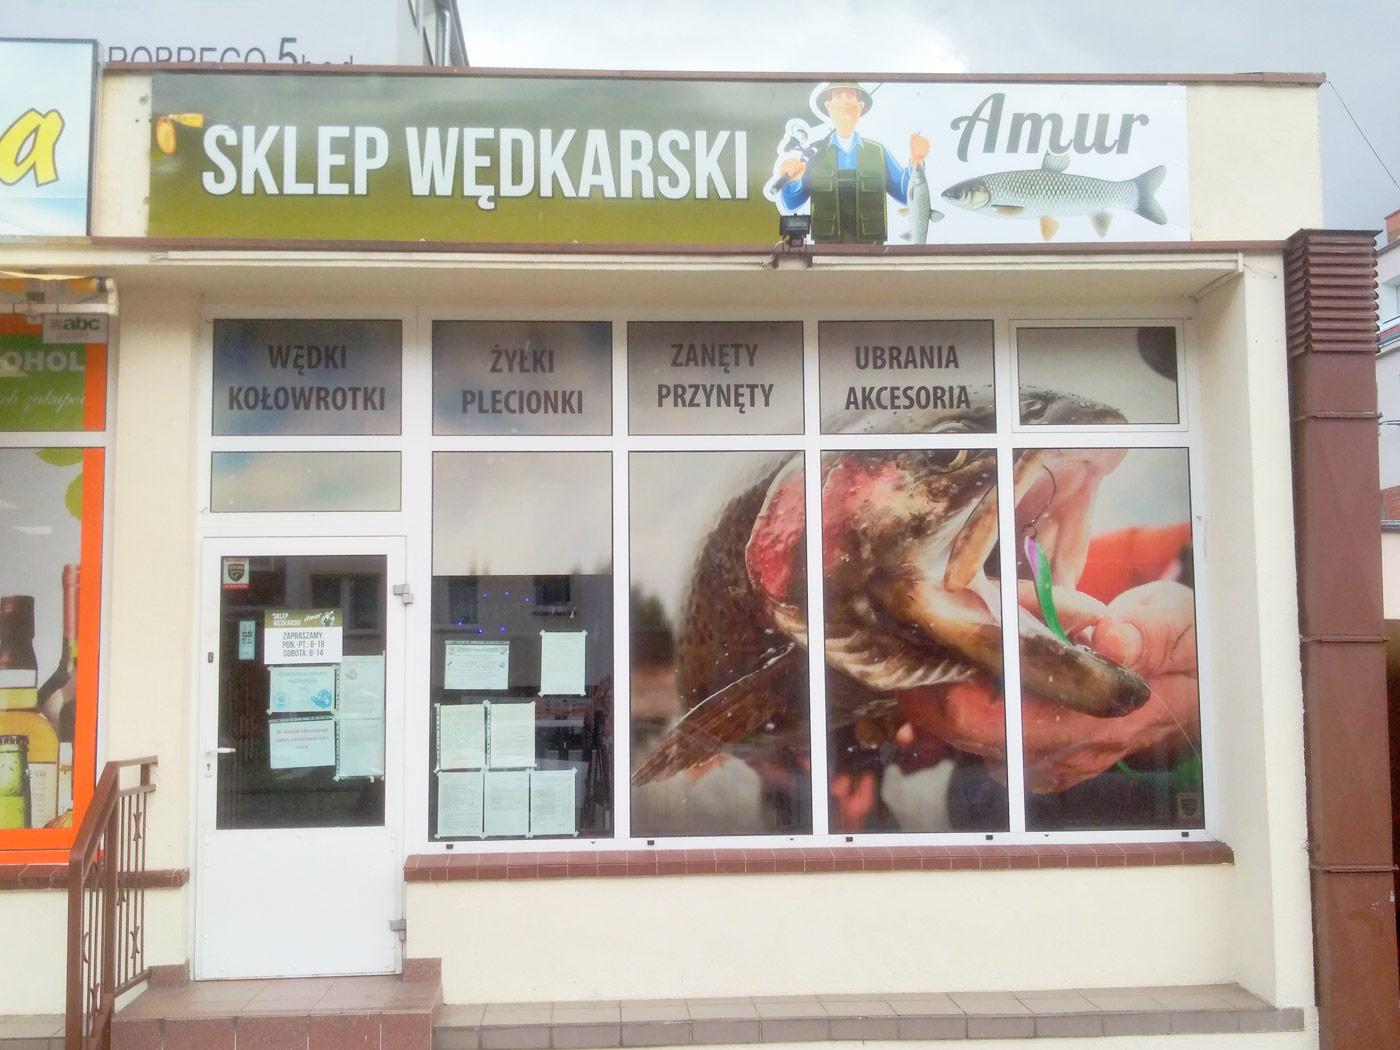 Sklep wędkarski Amur - Oklejanie witryn